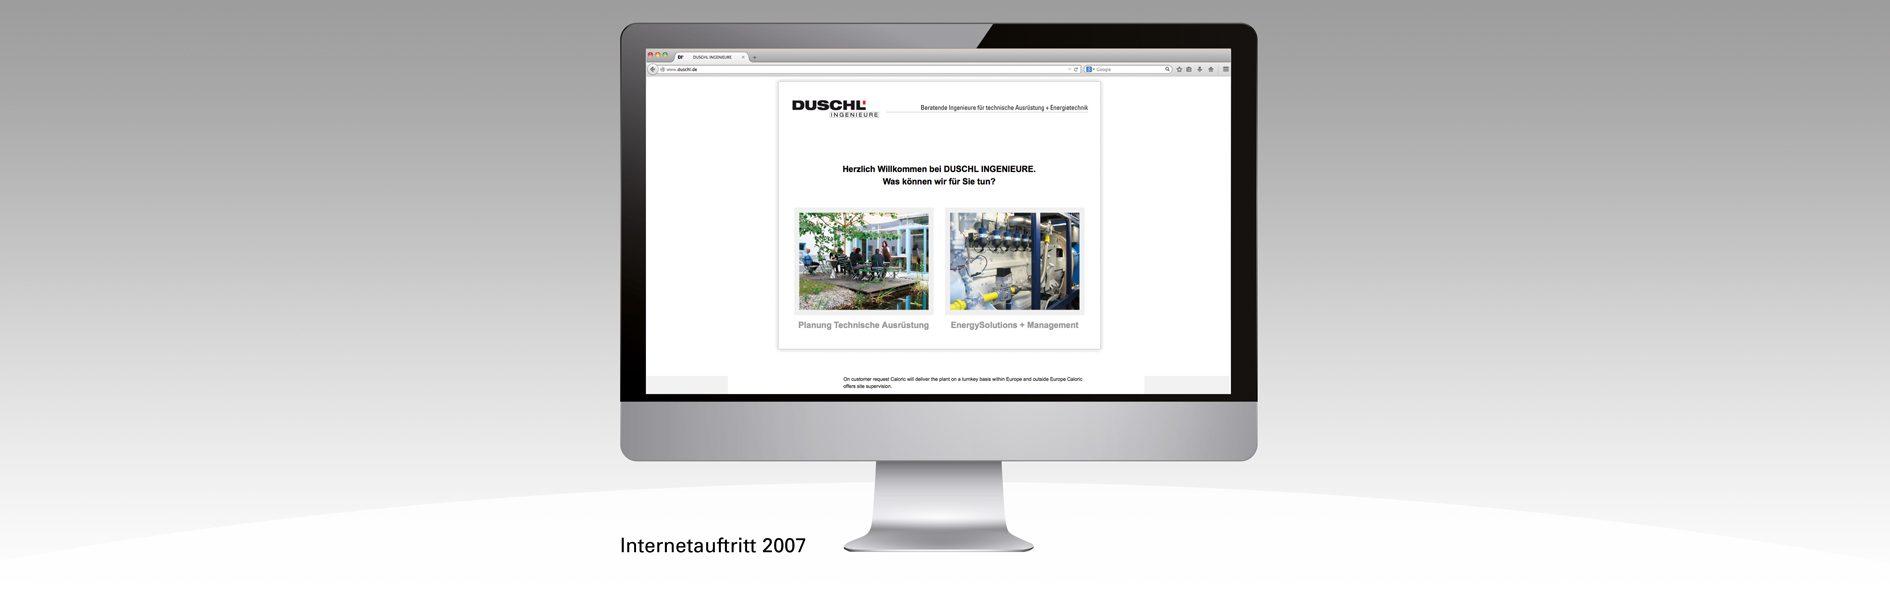 Hier ist der Duschl Internetauftritt von 2007 zu sehen.